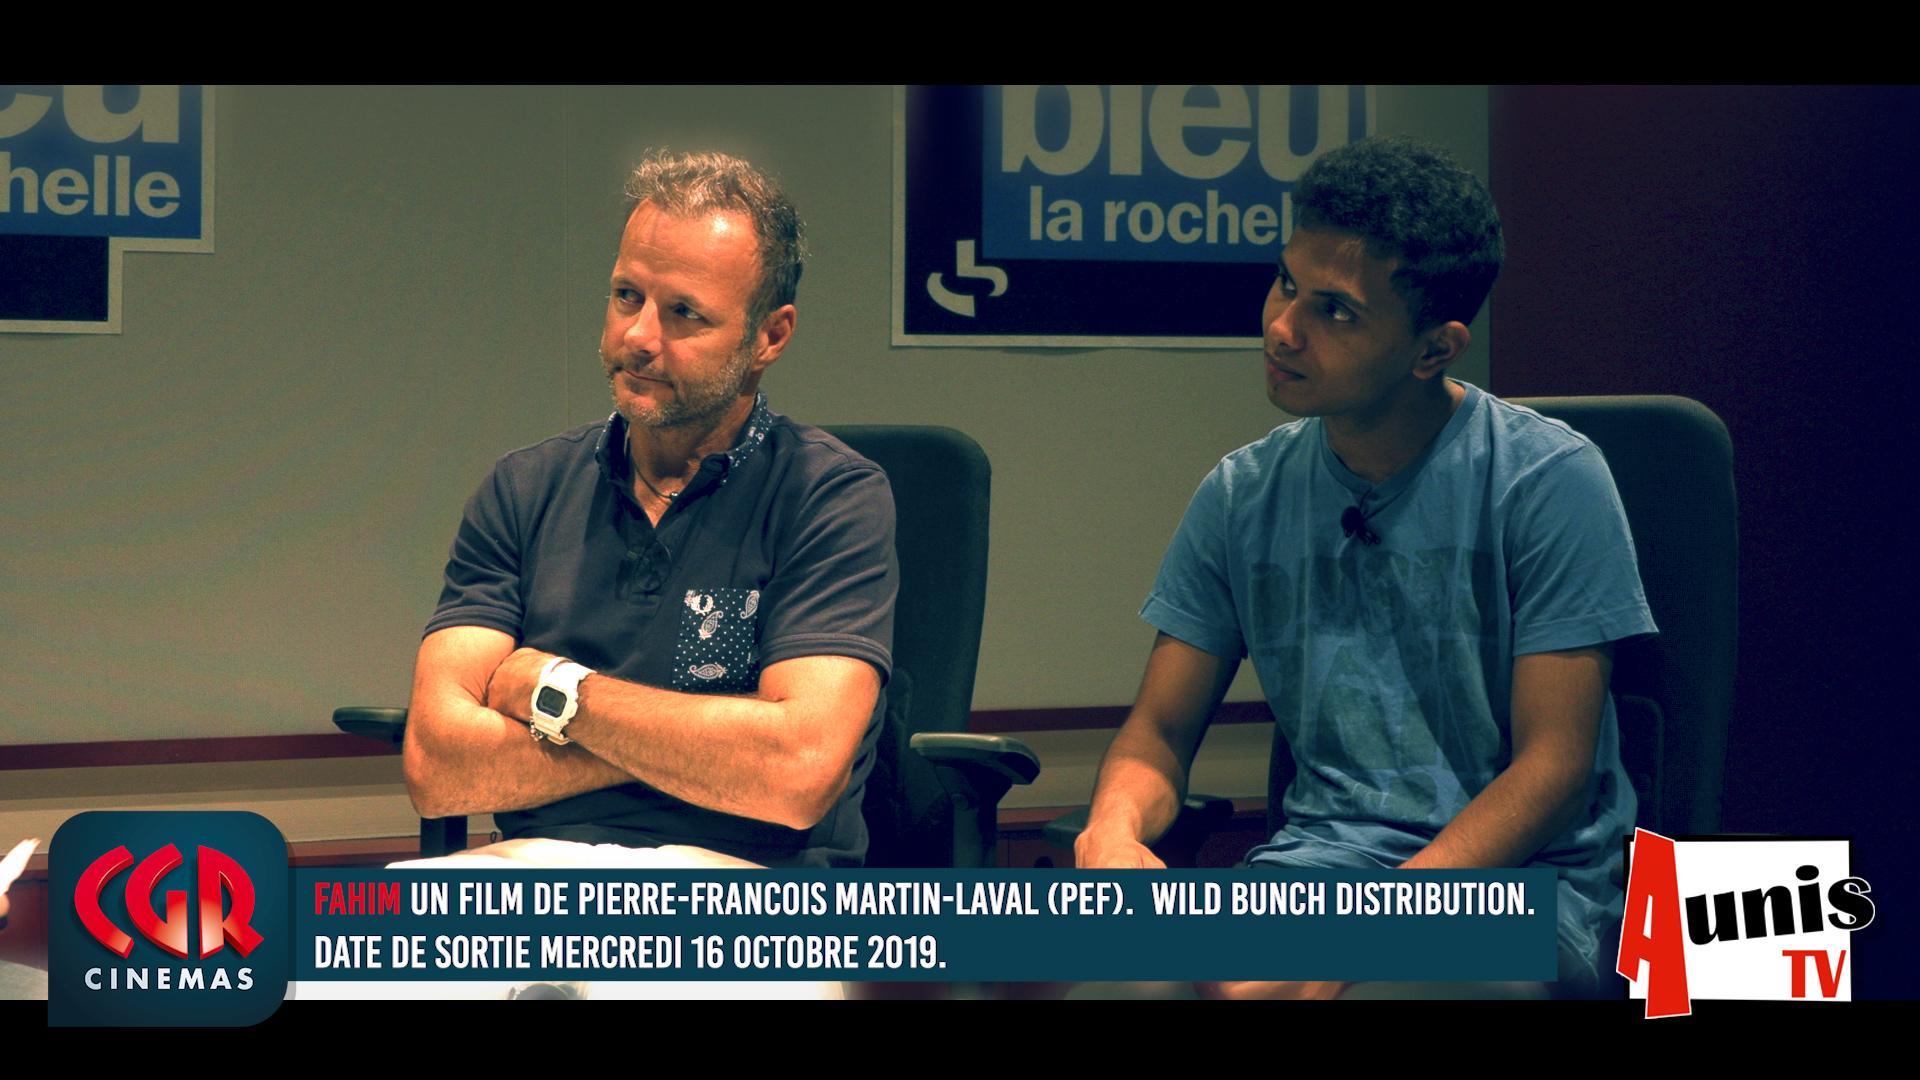 Cinéma FAHIM PEF film La Rochelle CGR